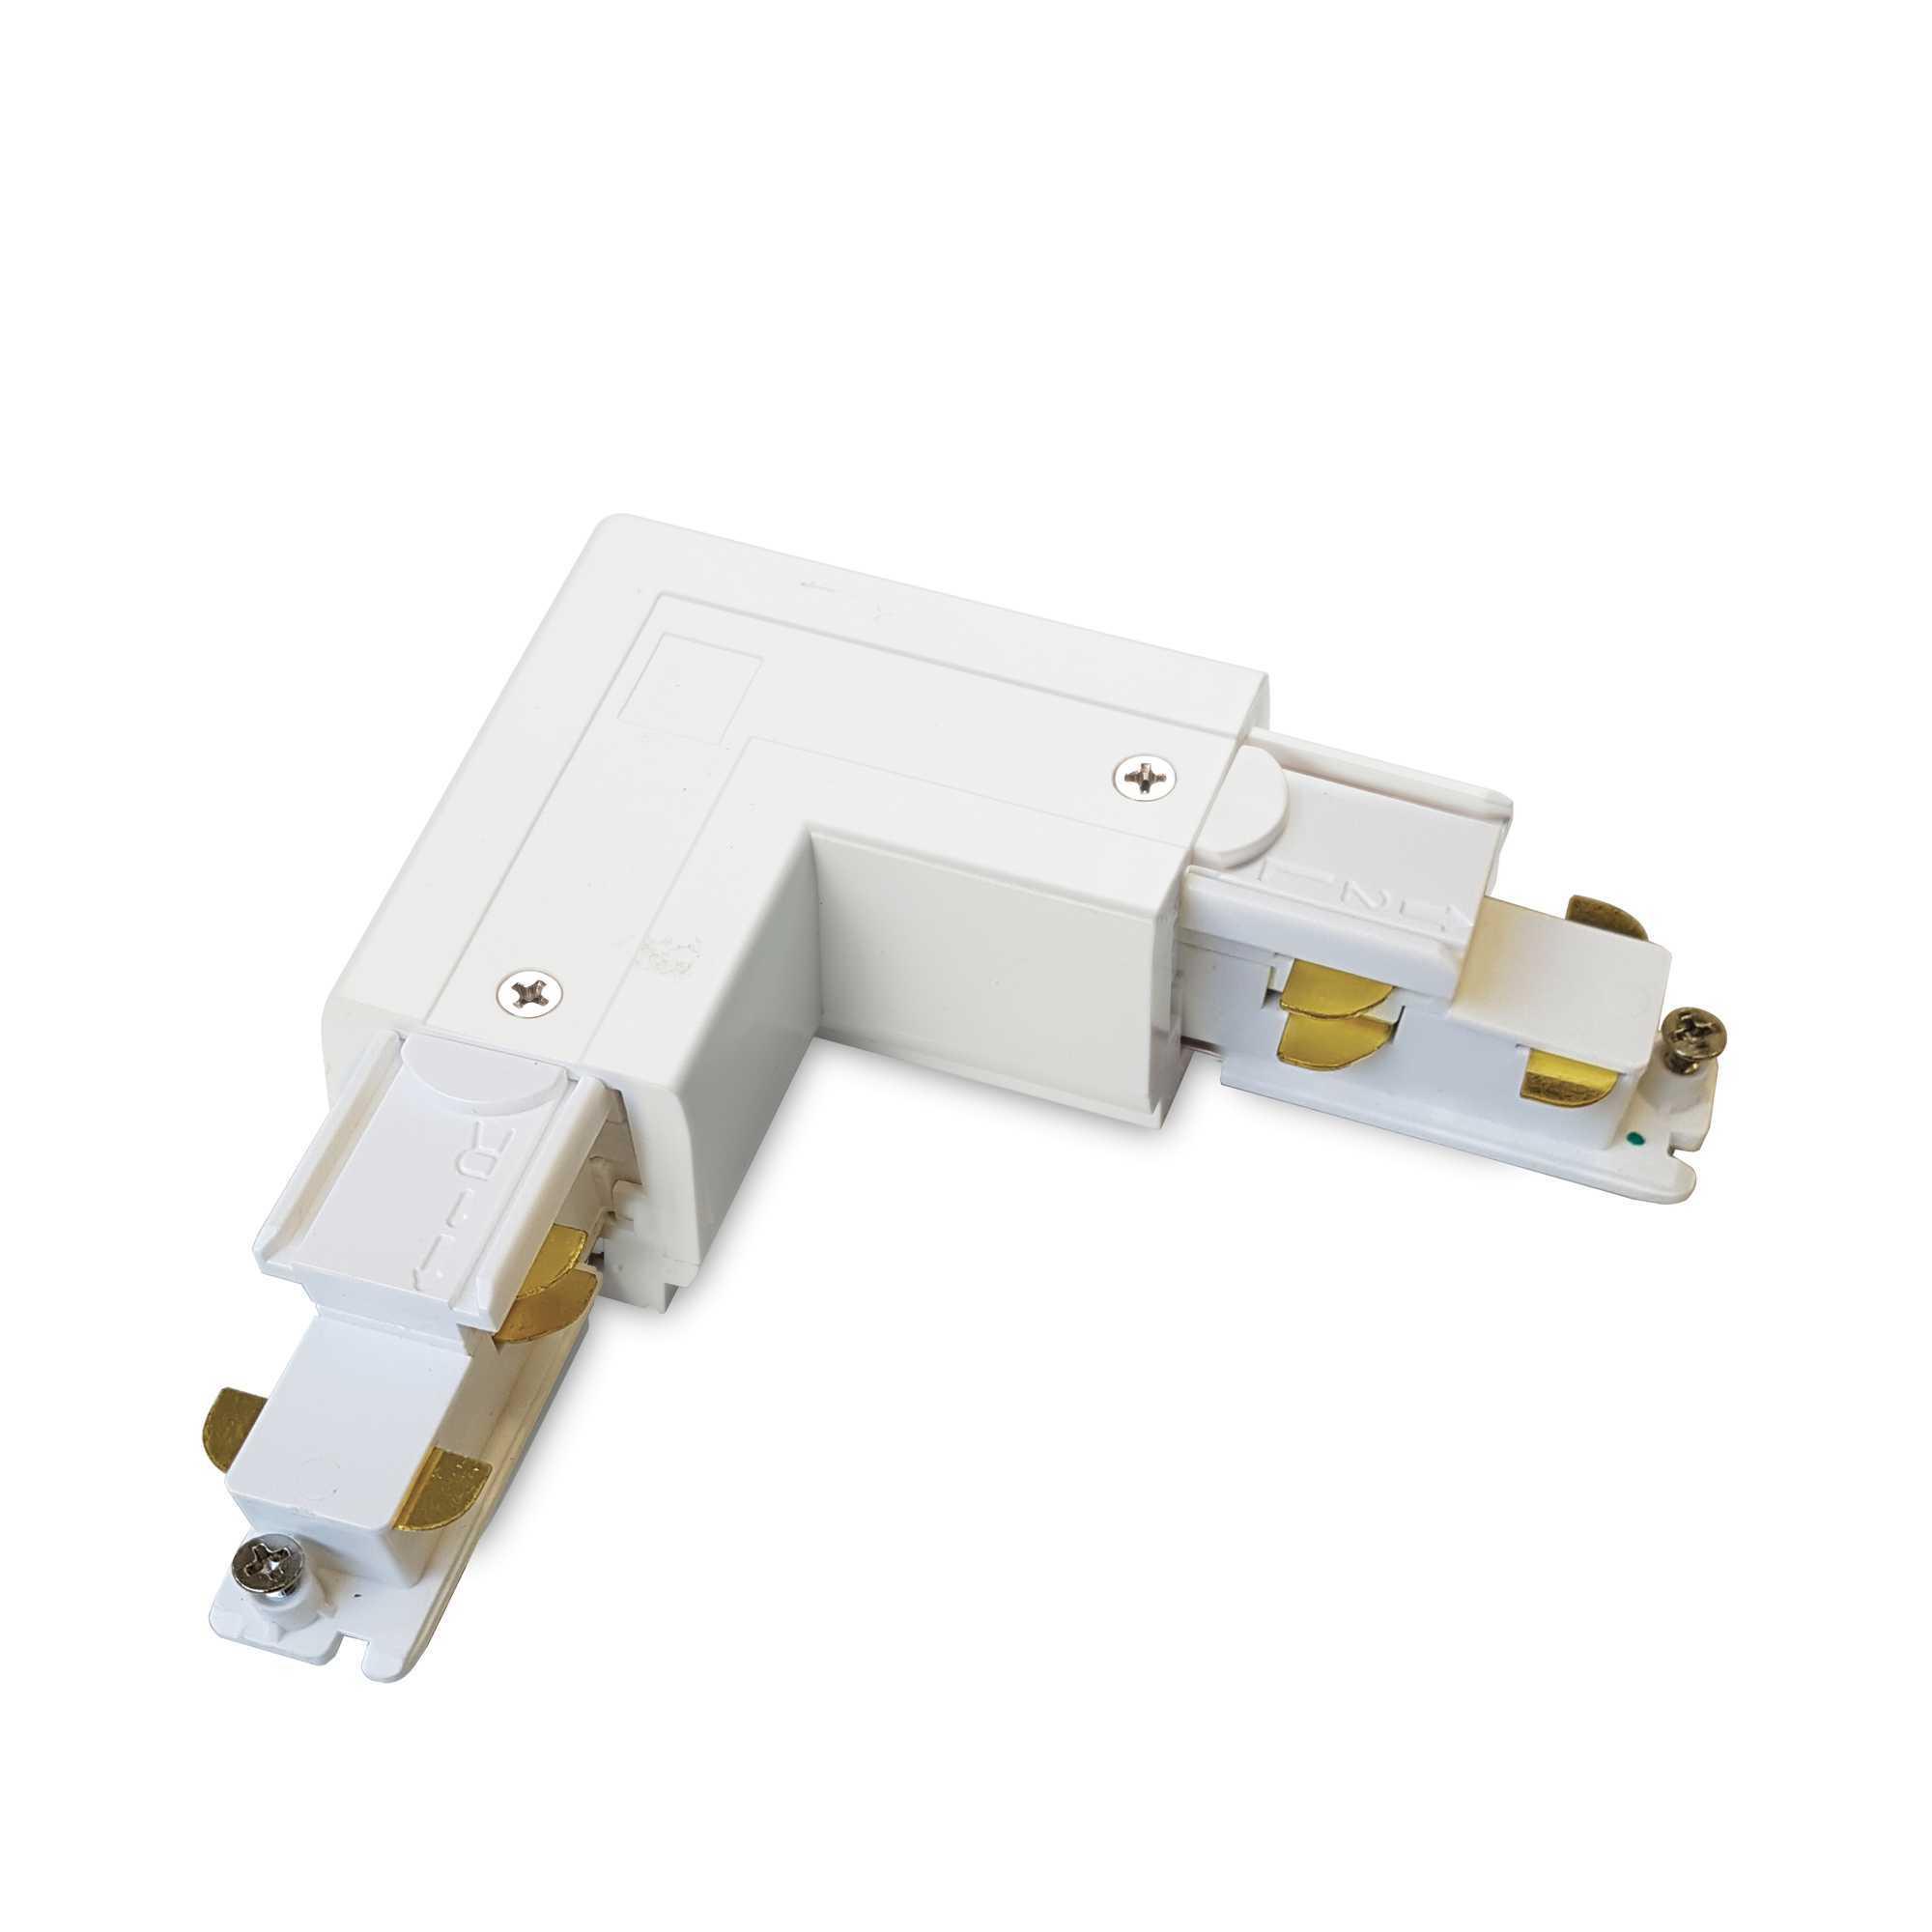 L-образный правый соединитель для шинопровода Ideal Lux Link Trimless L-Connector 246628, белый, металл - фото 1